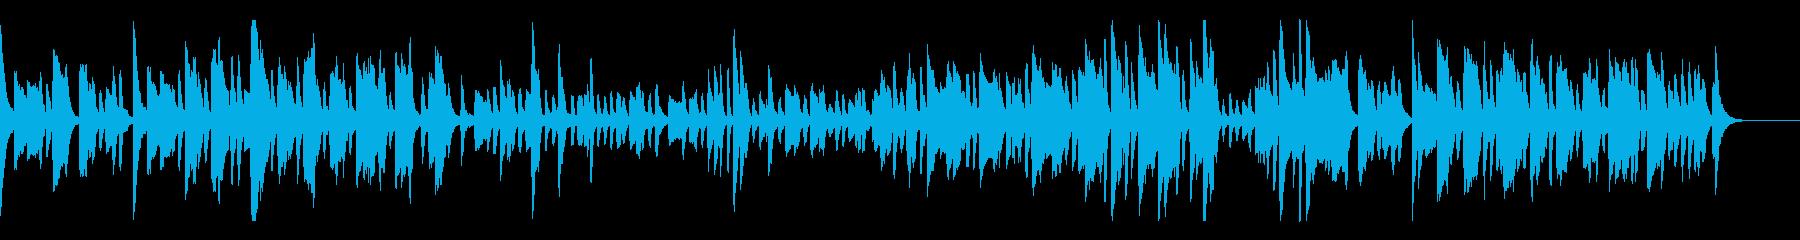 跳ねる日本のお祭り-ピアノソロの再生済みの波形